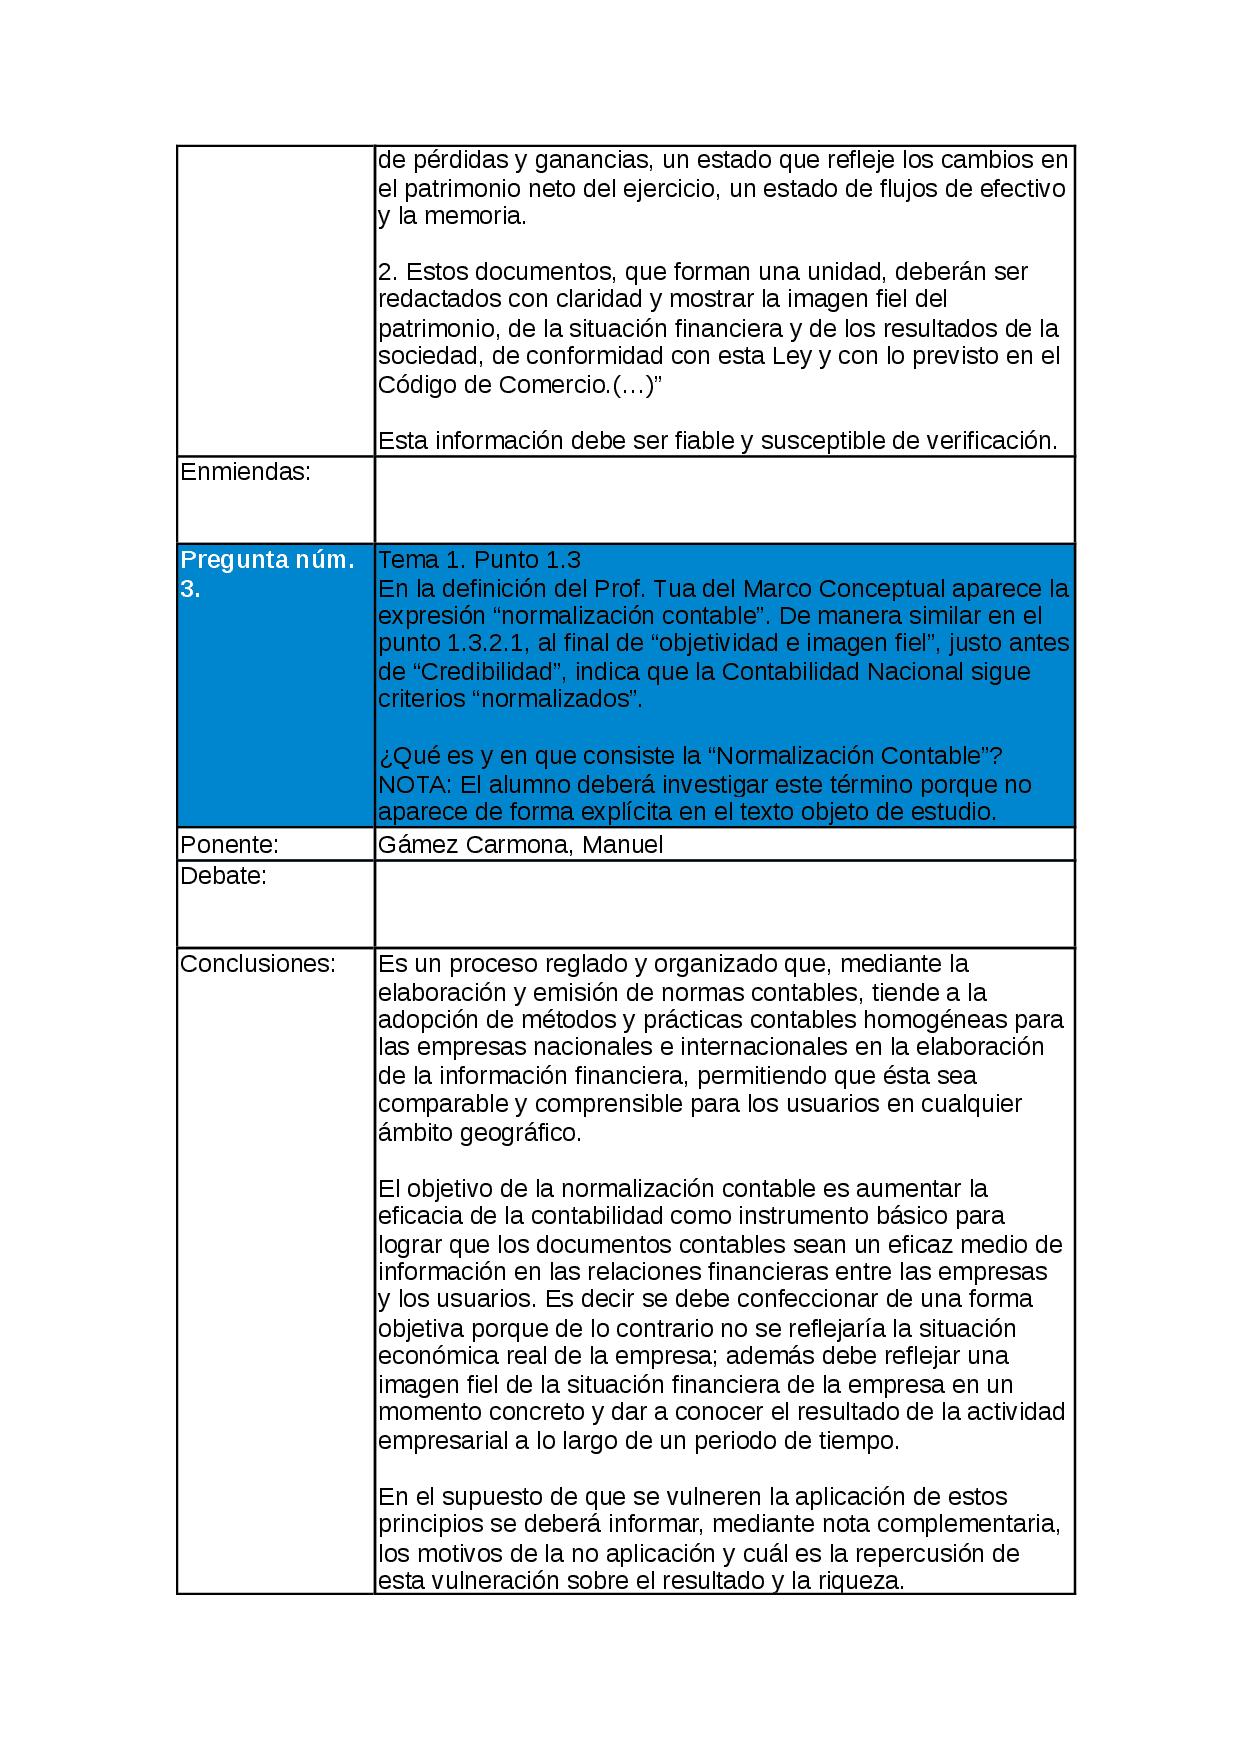 6 puntos clave de la encuesta del Comité de Auditoría de la OICV